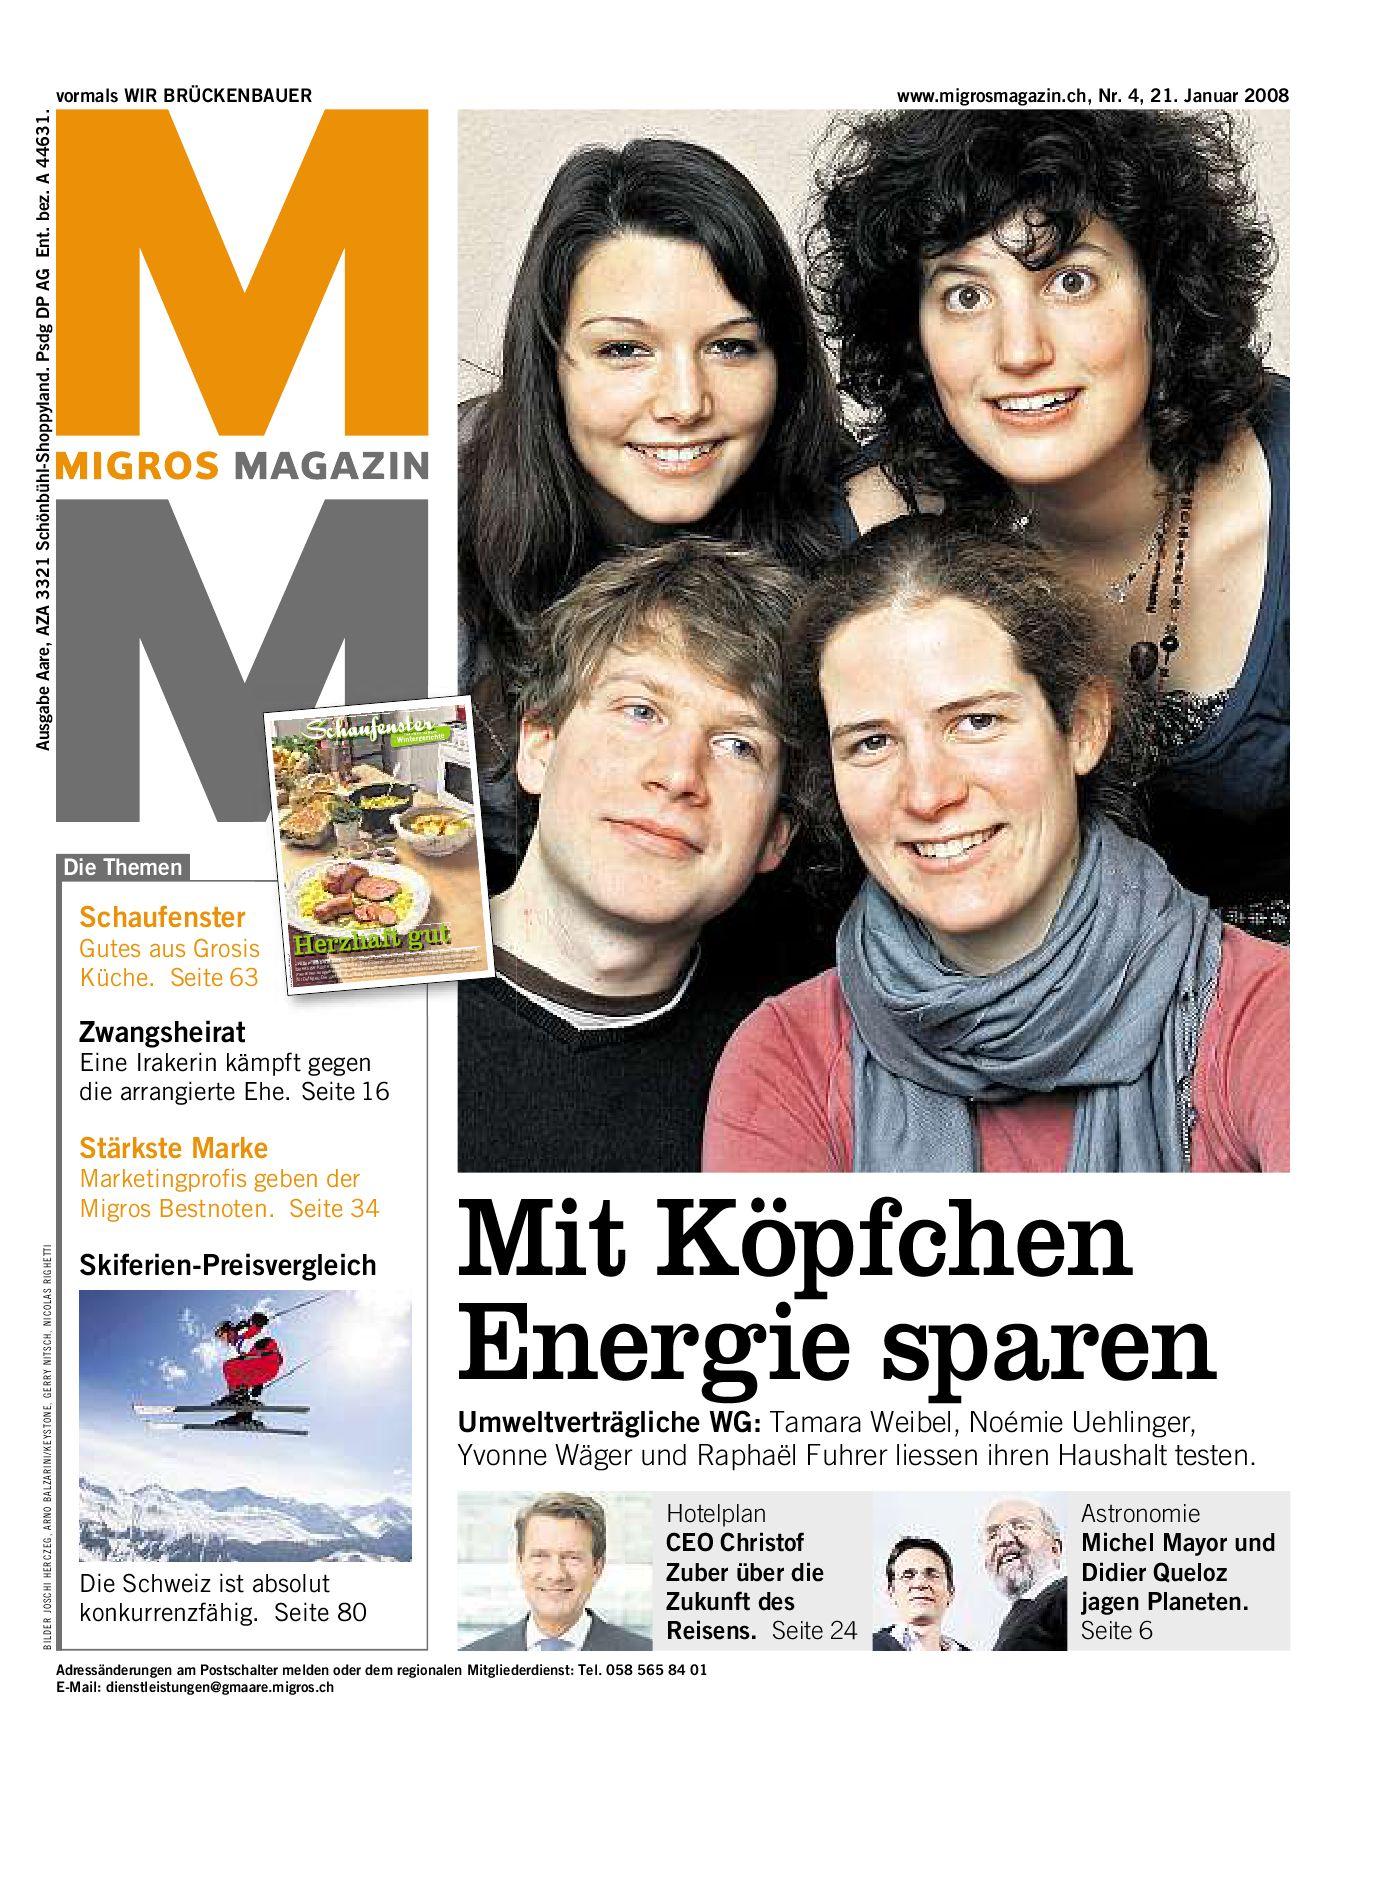 Migros Magazin 4 2008 d VS by Migros-Genossenschafts-Bund - issuu